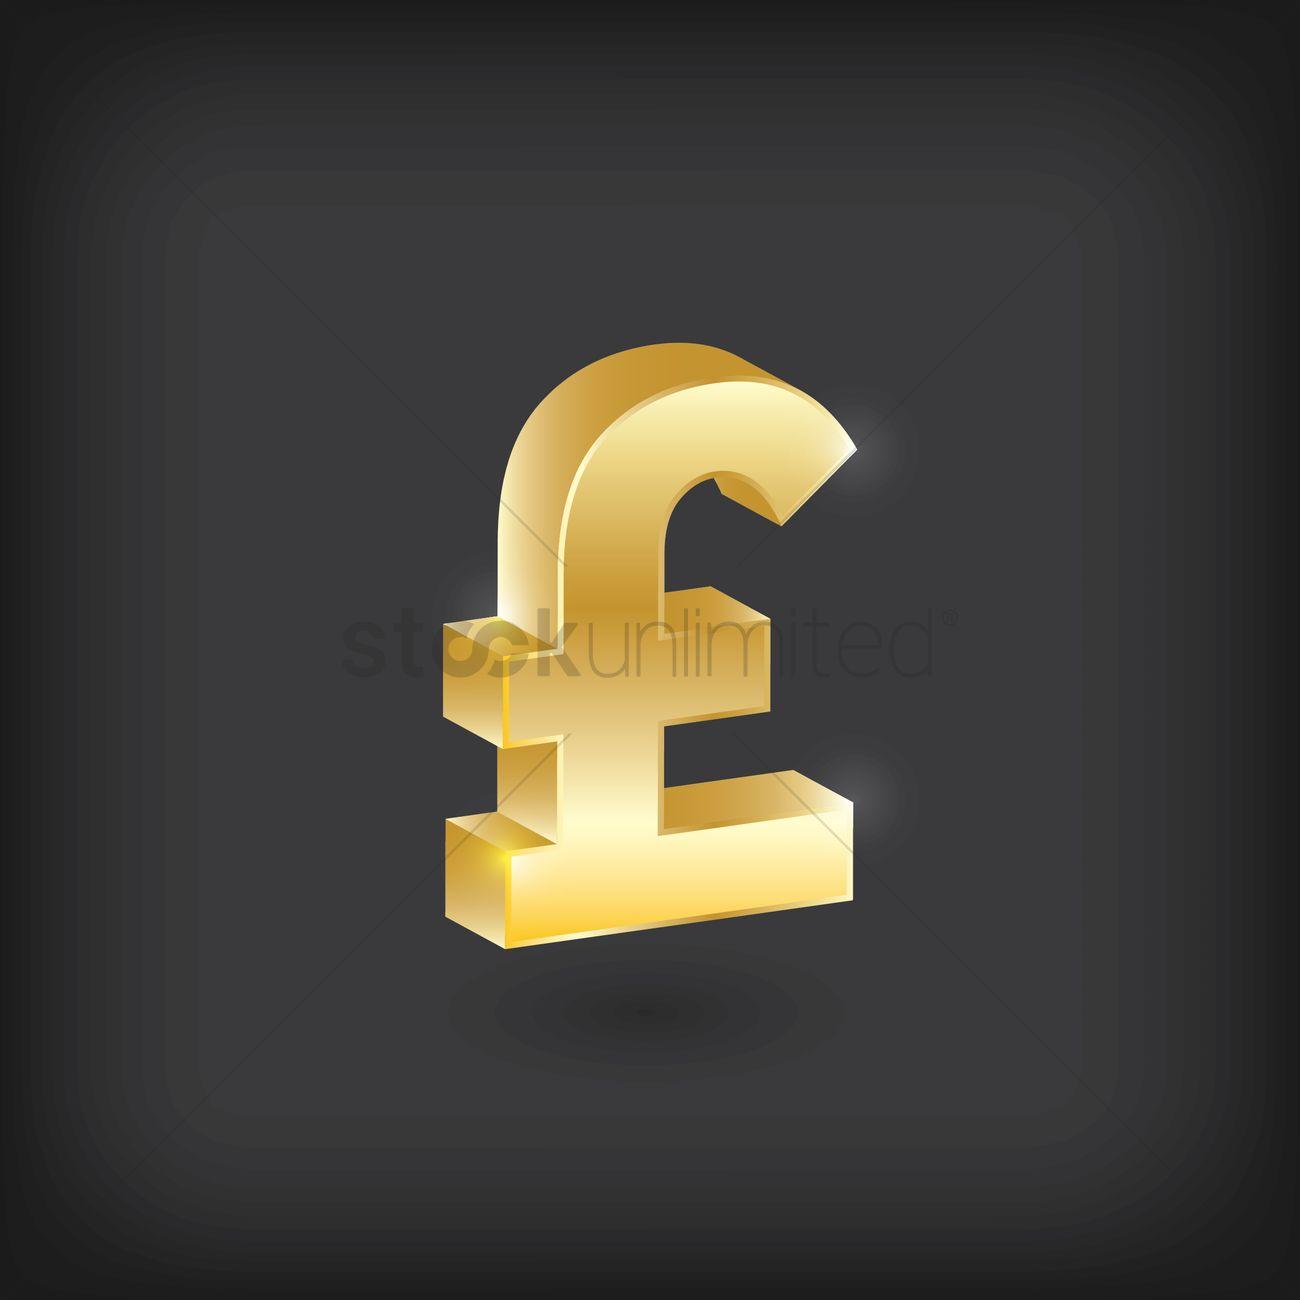 Uk sterling pound symbol vector image 1870905 stockunlimited uk sterling pound symbol vector graphic buycottarizona